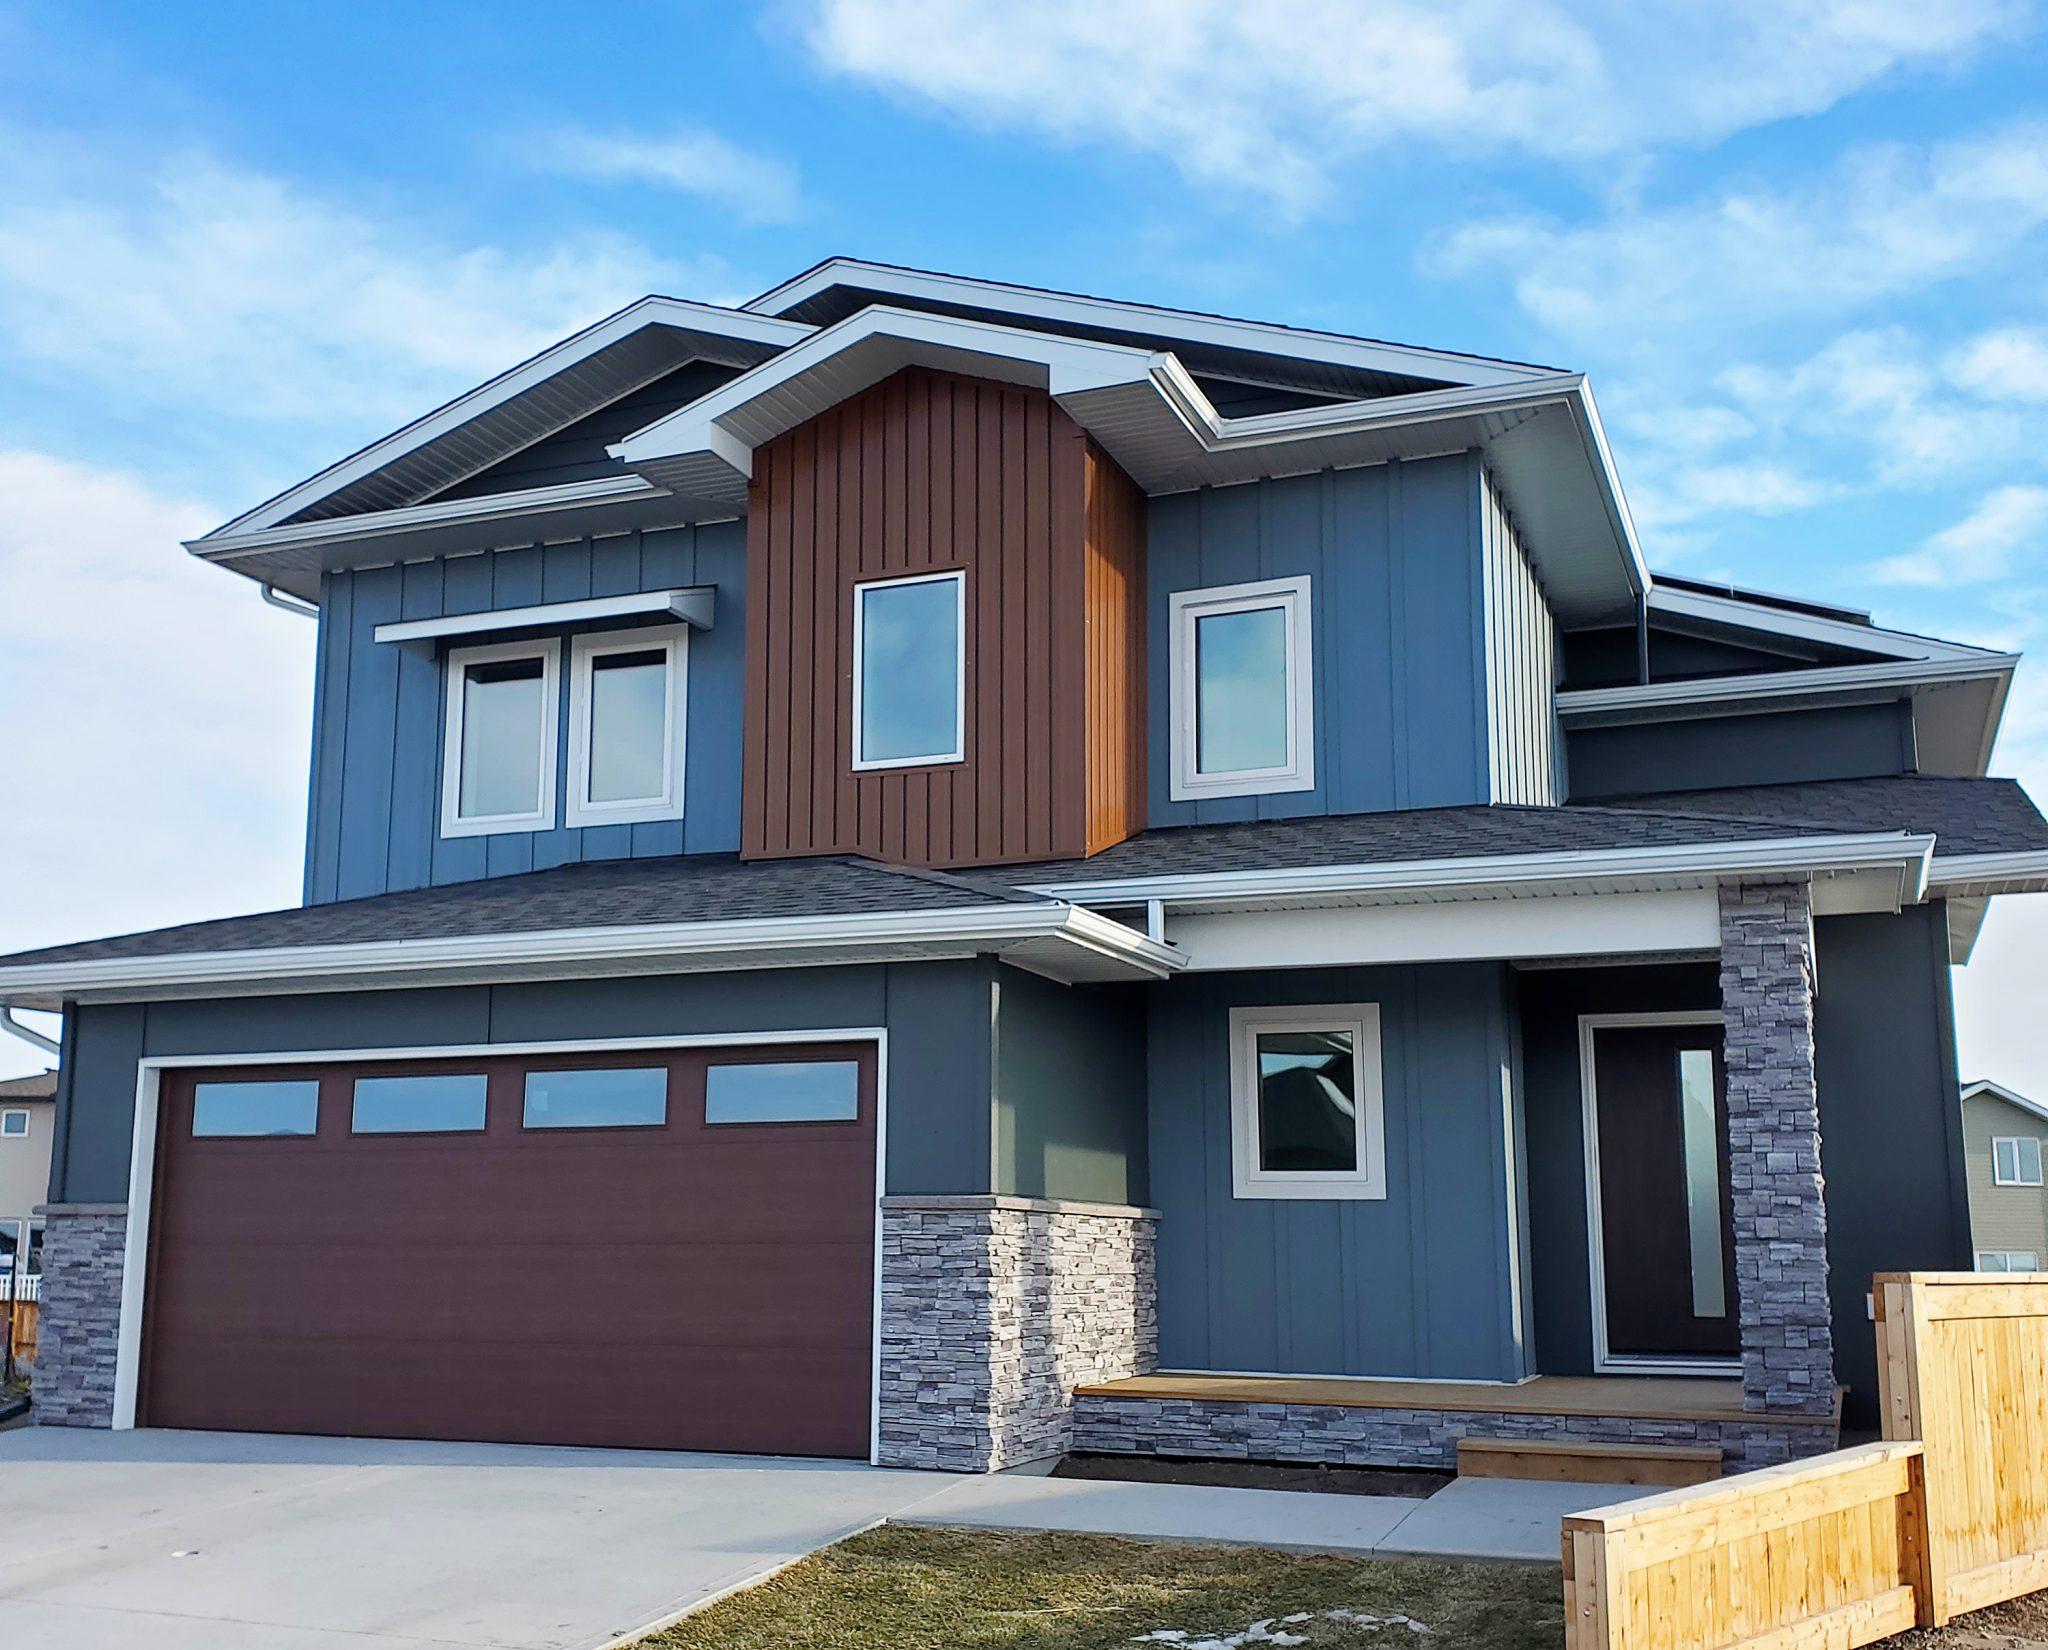 Terra Casa - Net Zero Greener Homes